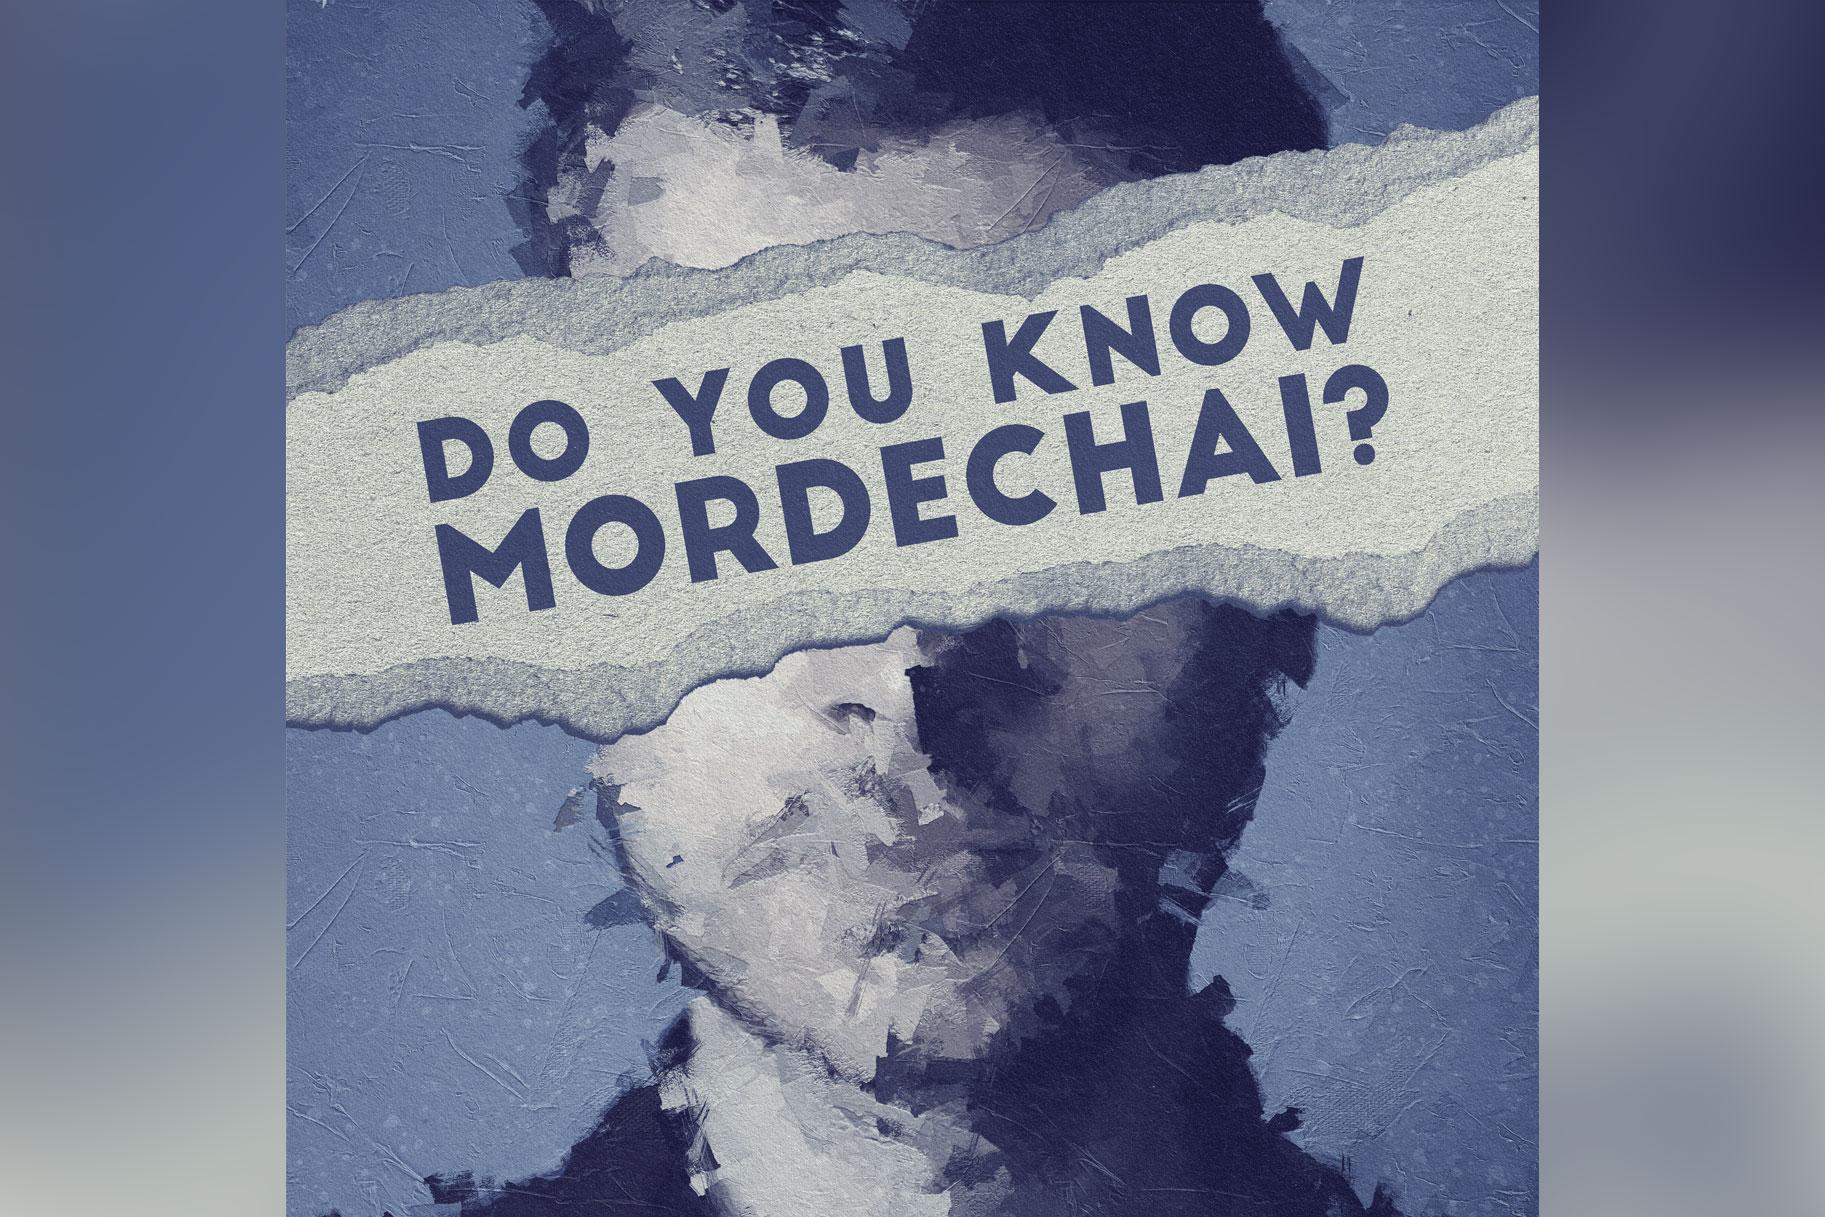 Το απροσδόκητο χτύπημα στην πόρτα αποκαλύπτει τη σχέση της γυναίκας και αποκαλύπτει ενοχλητικά μυστικά στο νέο Podcast «Ξέρετε Mordechai;»